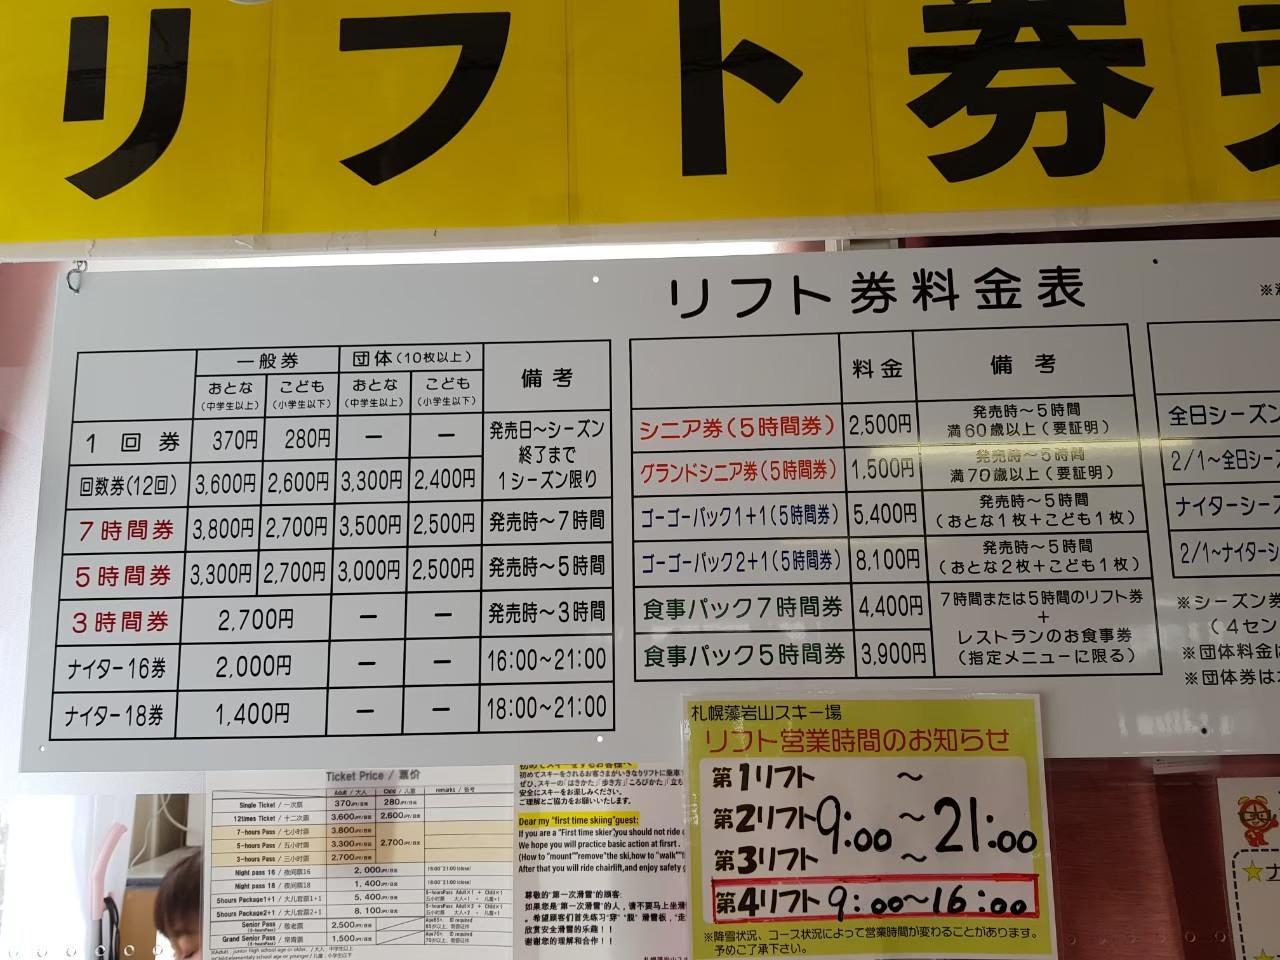 纜車票價札幌 藻岩山滑雪場